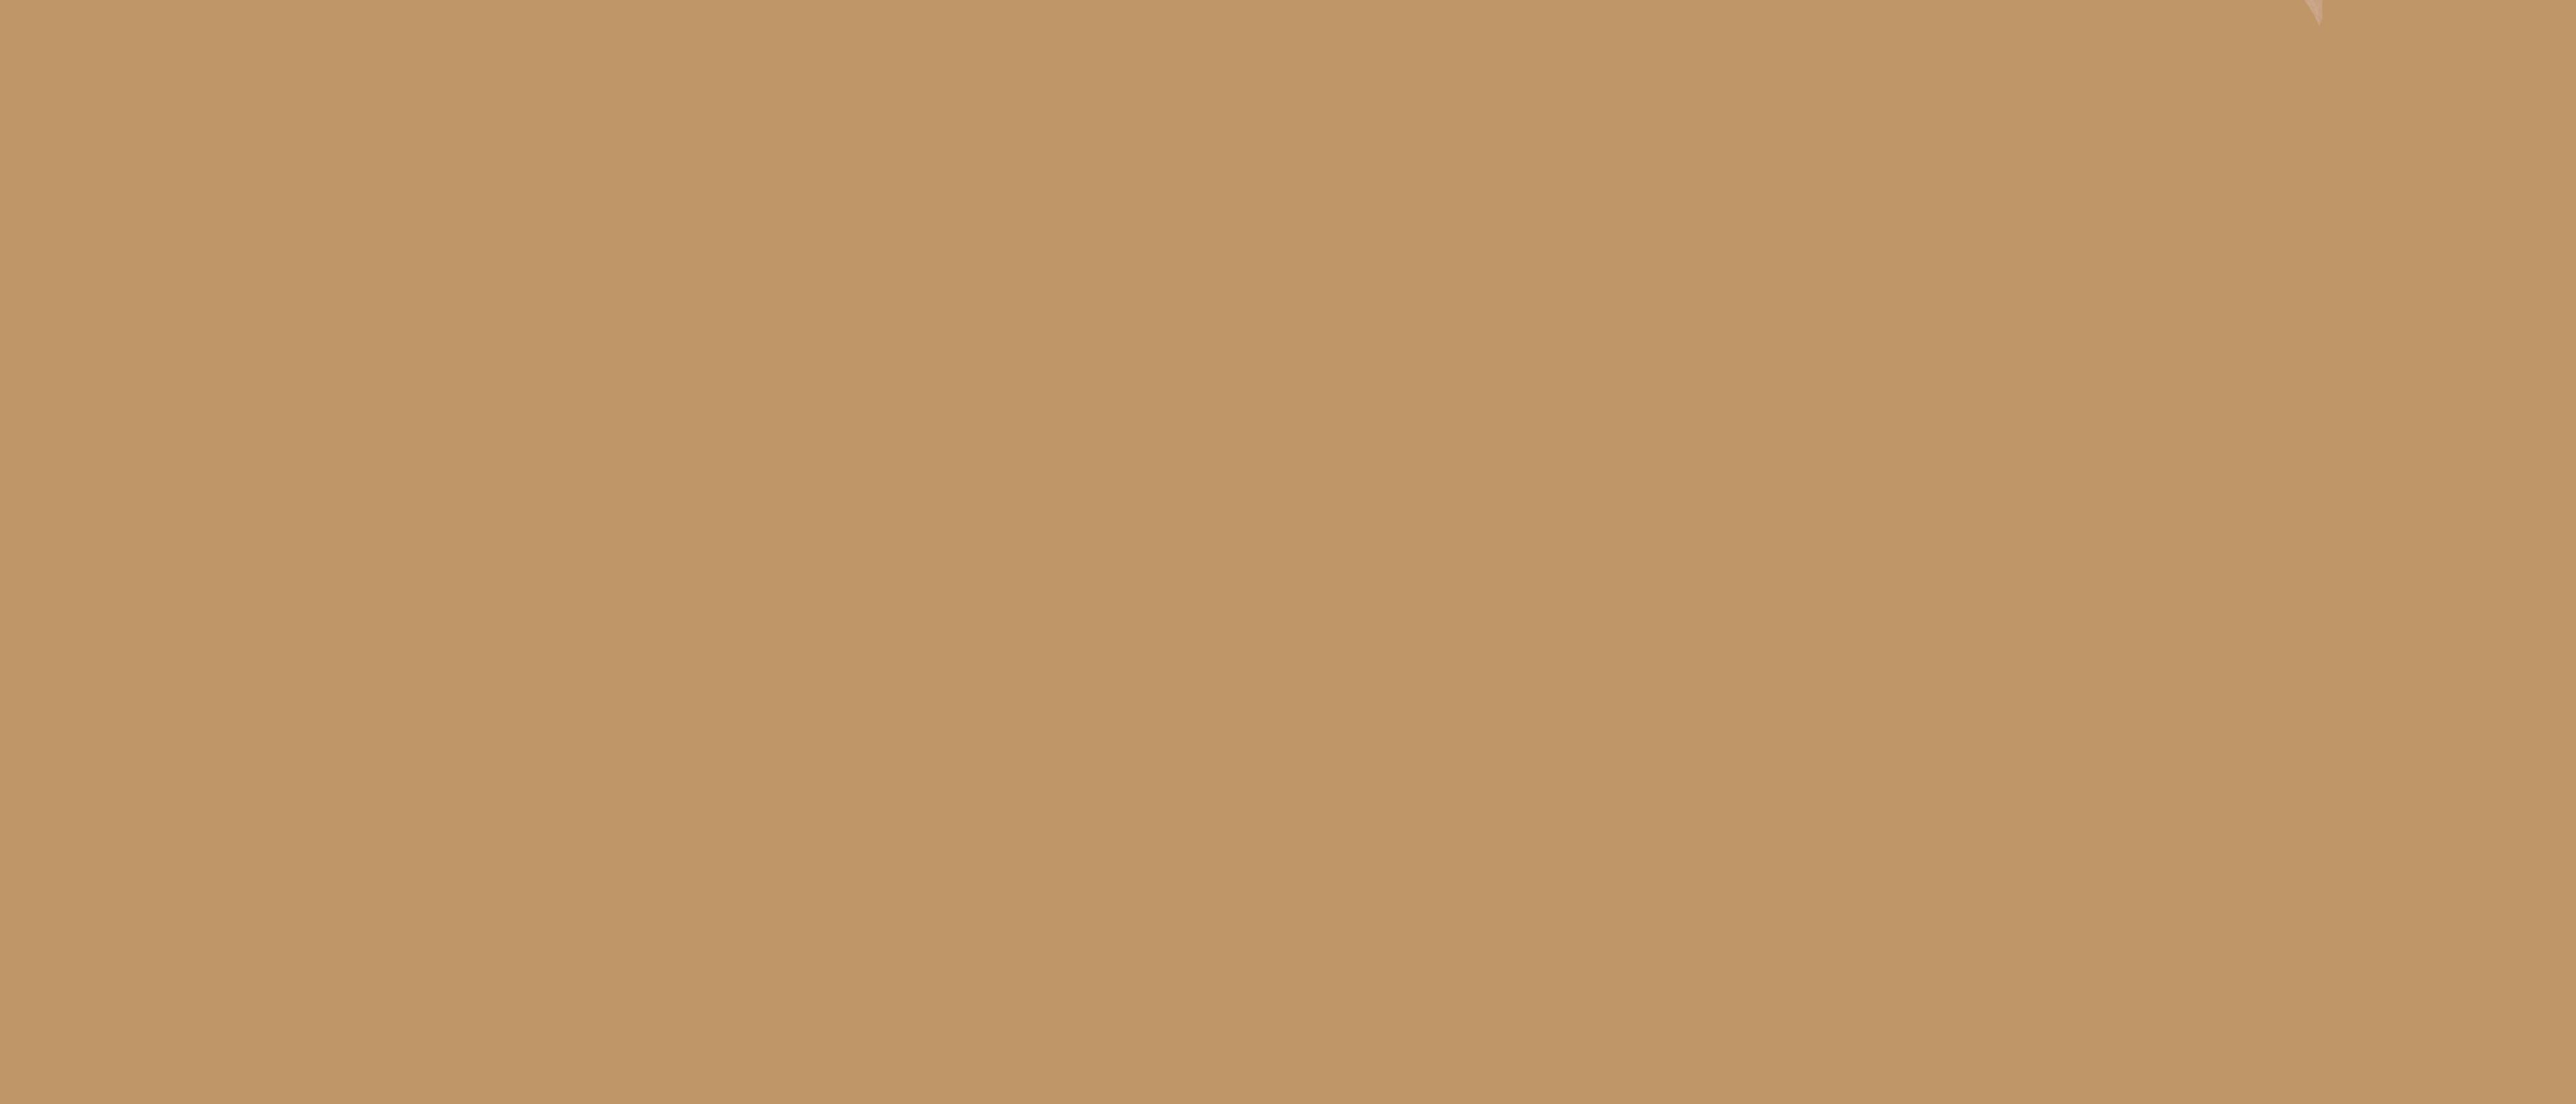 Brown Animal